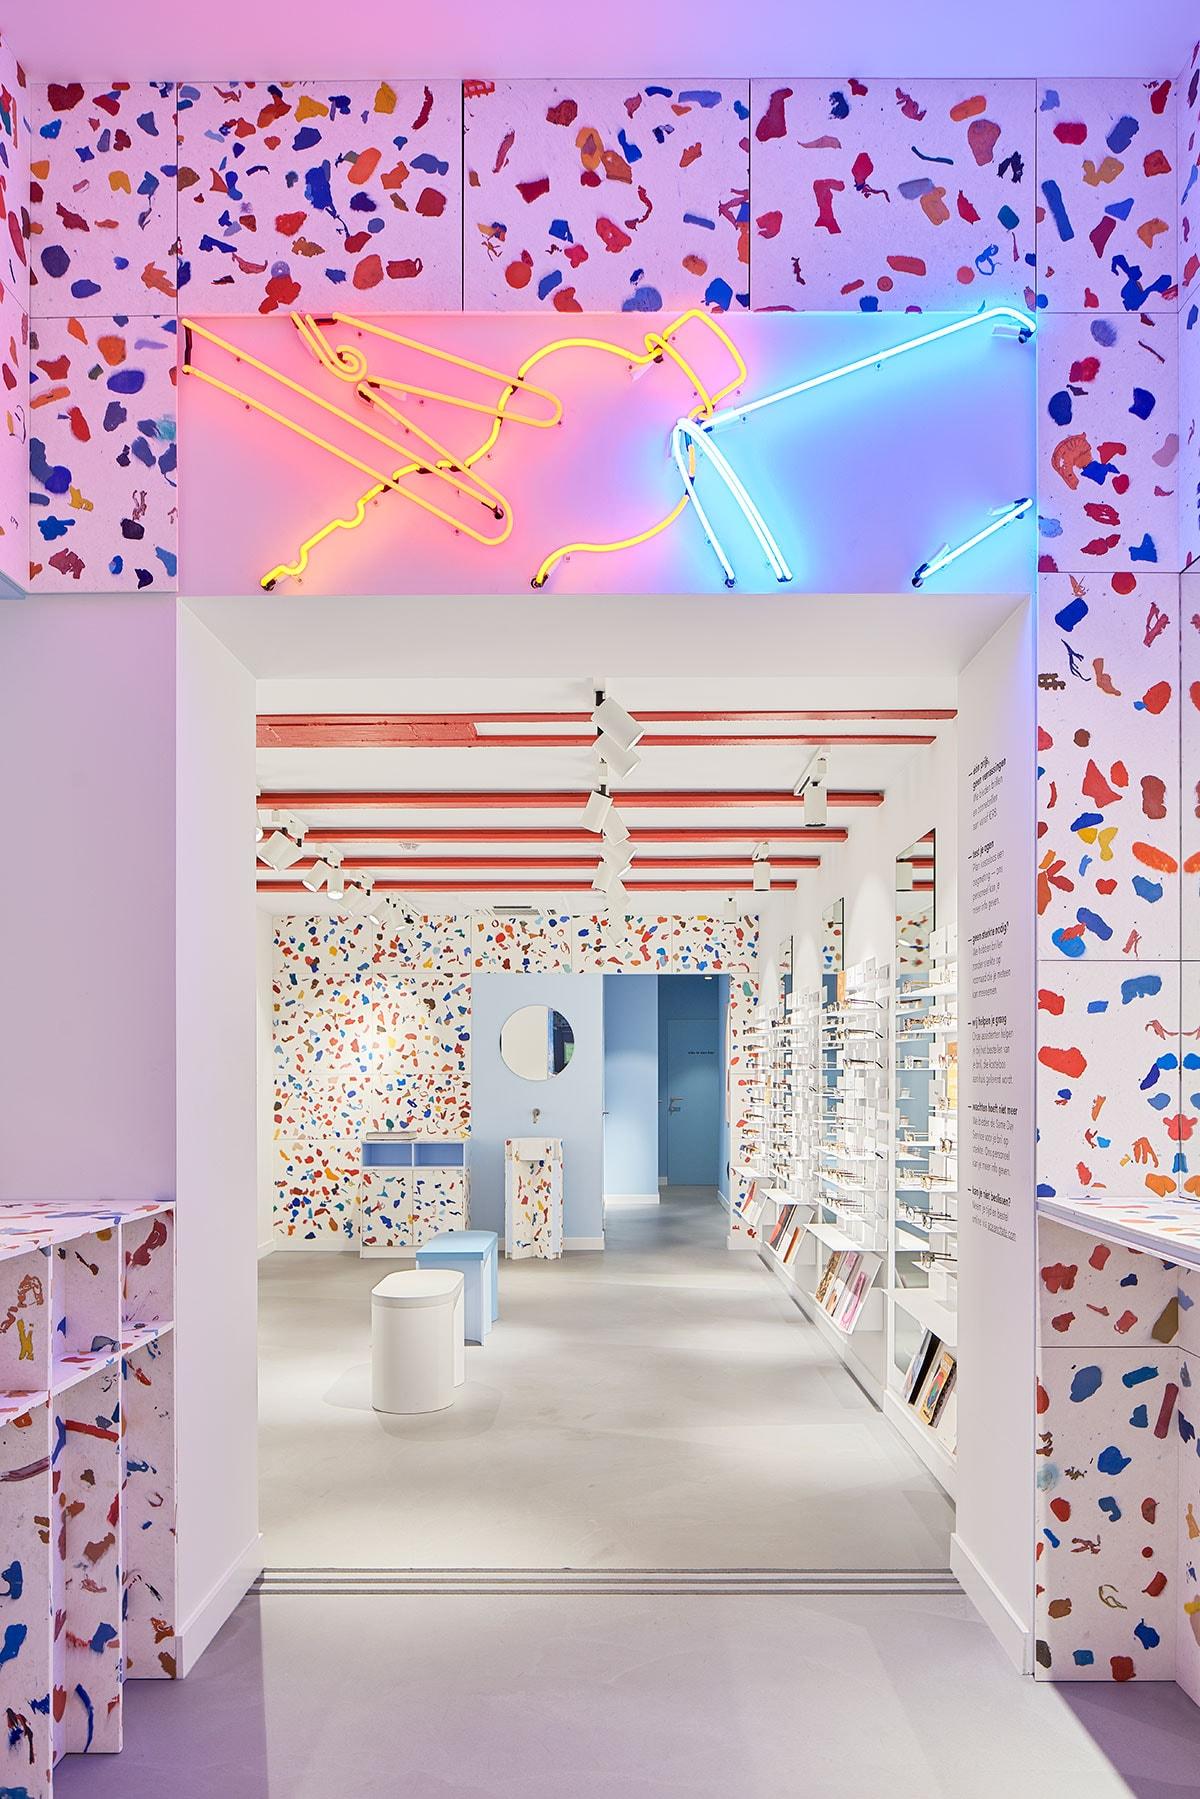 Binnenkijken bij de nieuwe kleurrijke Ace & Tate winkel in Antwerpen